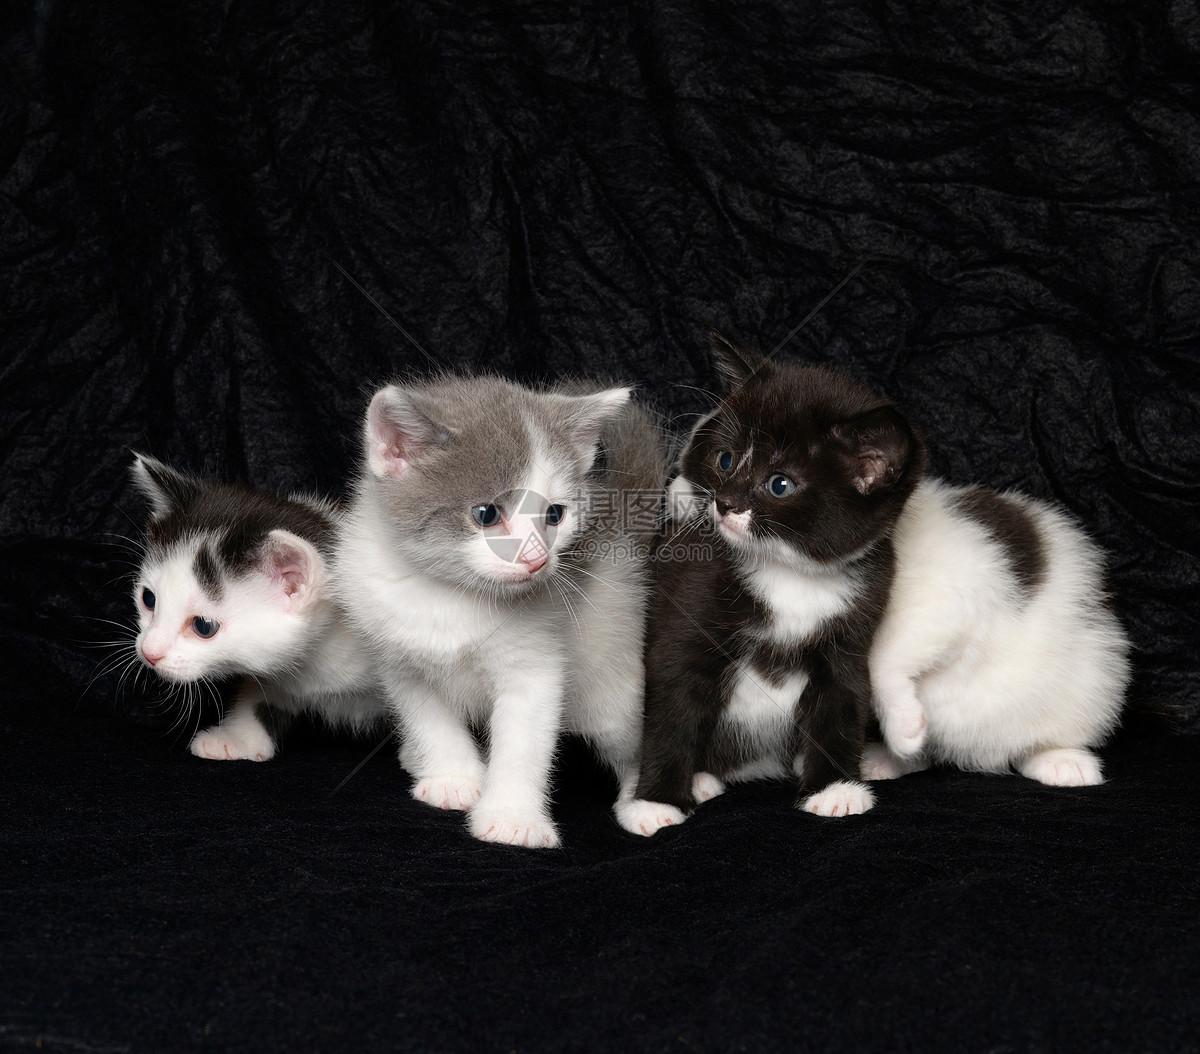 黑色背景的小猫图片